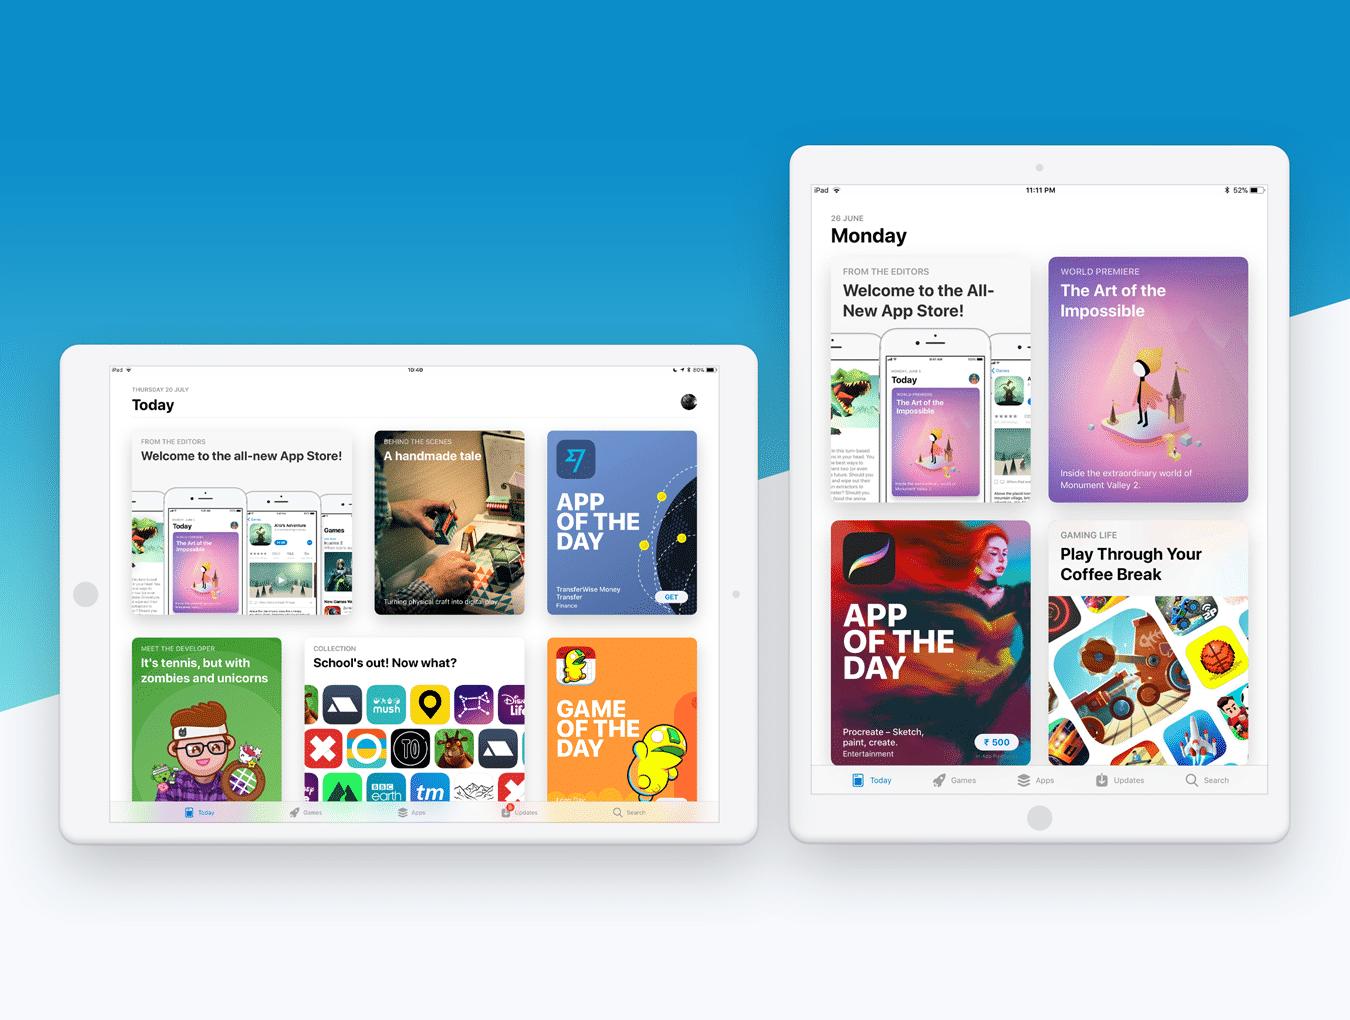 设计师必备的完美的UI设计作品展示模板套装[PSD,for iPhone X,iPhone 8,iPad等]插图3